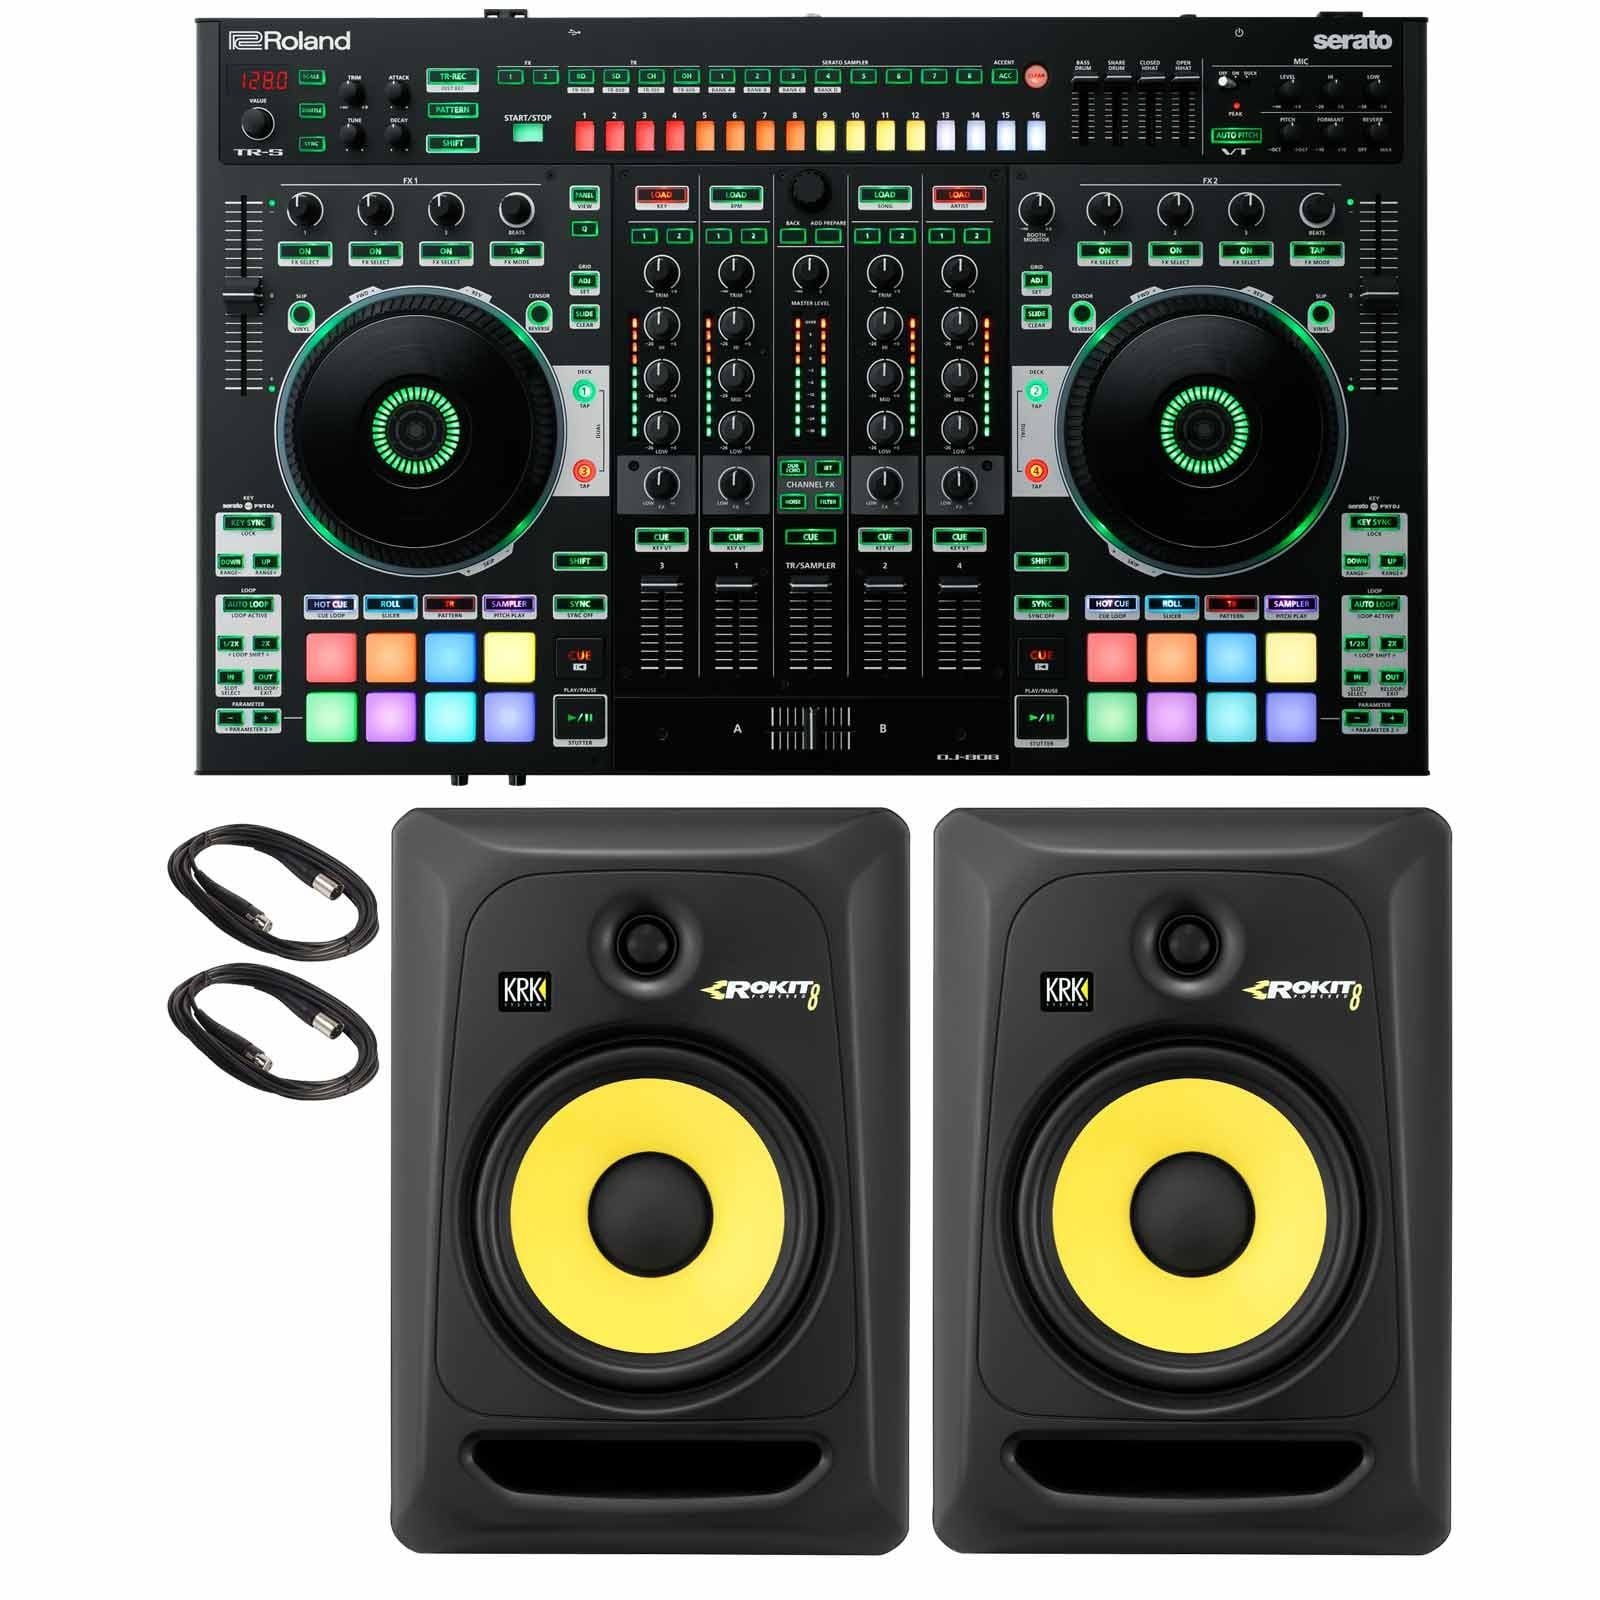 roland-dj-808-4-channel-mixer-dj-controller-with-krk-rokit-8-g3-rp8g3-8rdqu.jpg